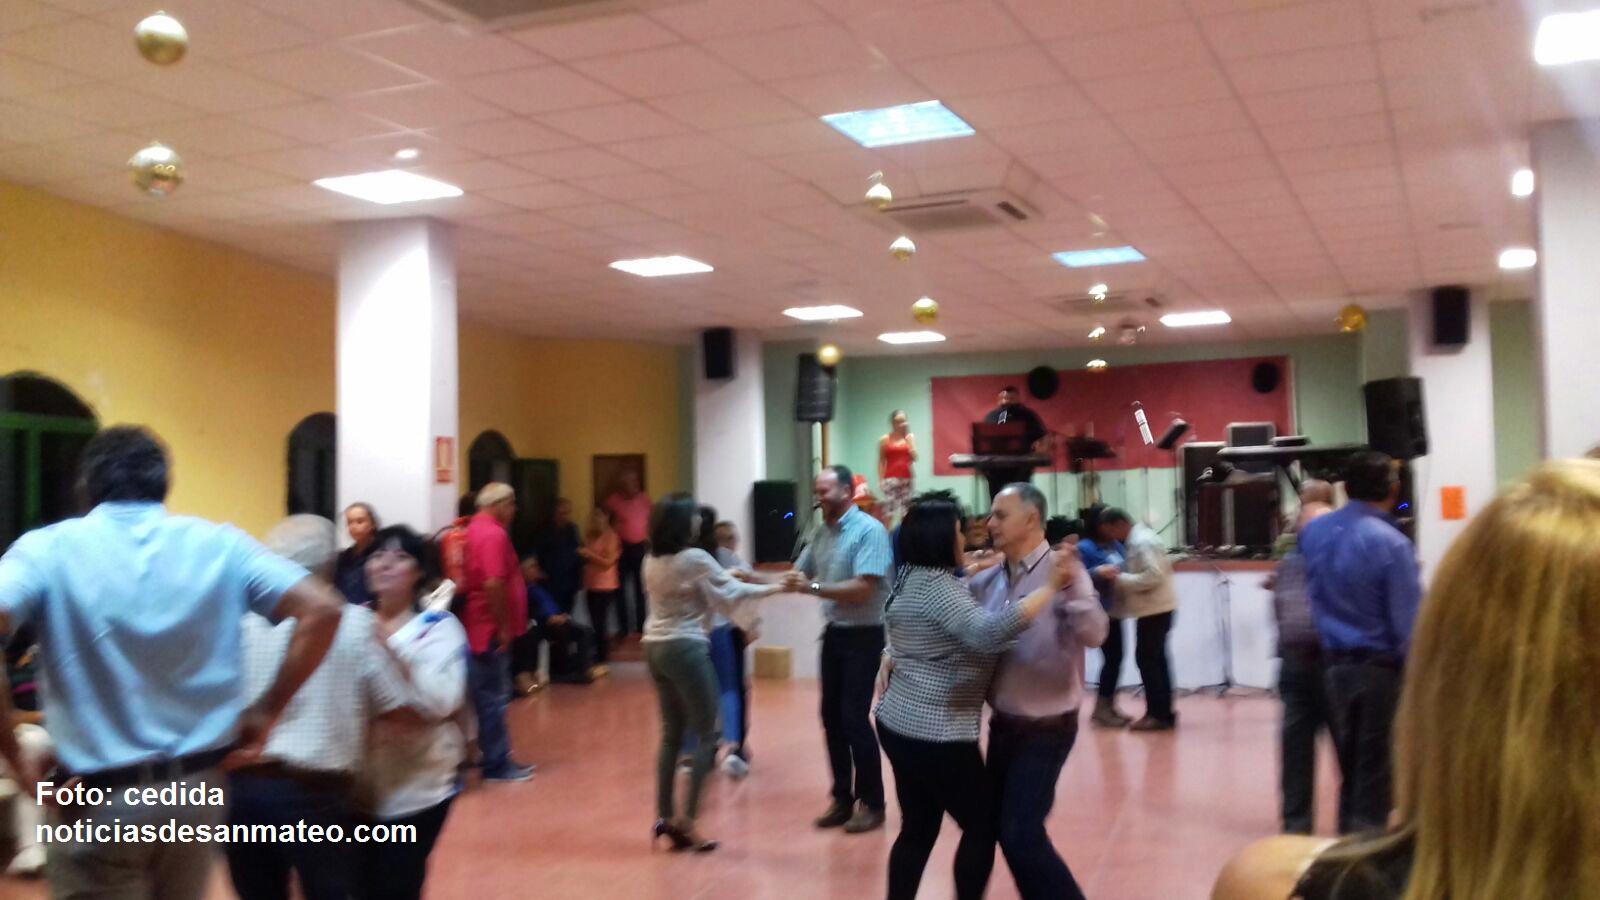 Baile solidario en Cueva Grande Por incendio foto noticias de san mateo 29 de octubre de 2017